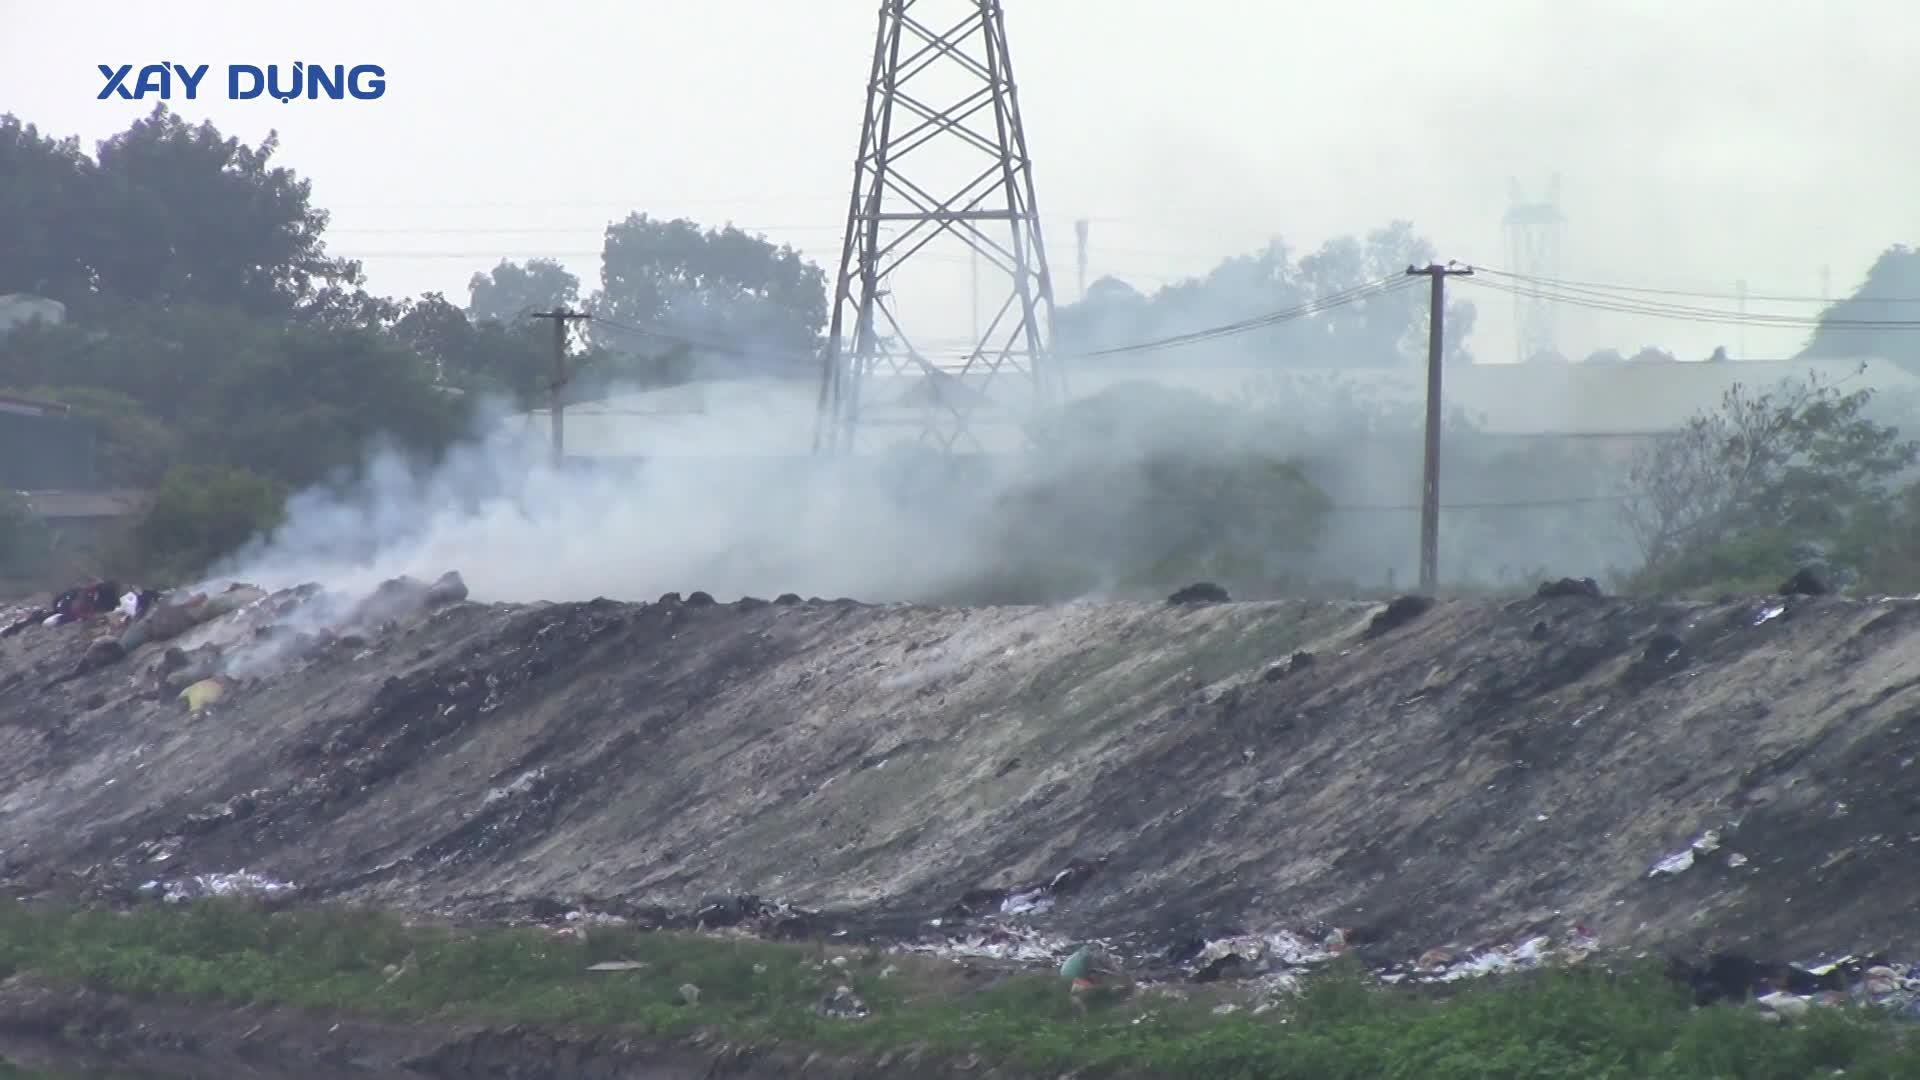 Hà Nội: Nhức nhối việc xử lý rác thải làng nghề